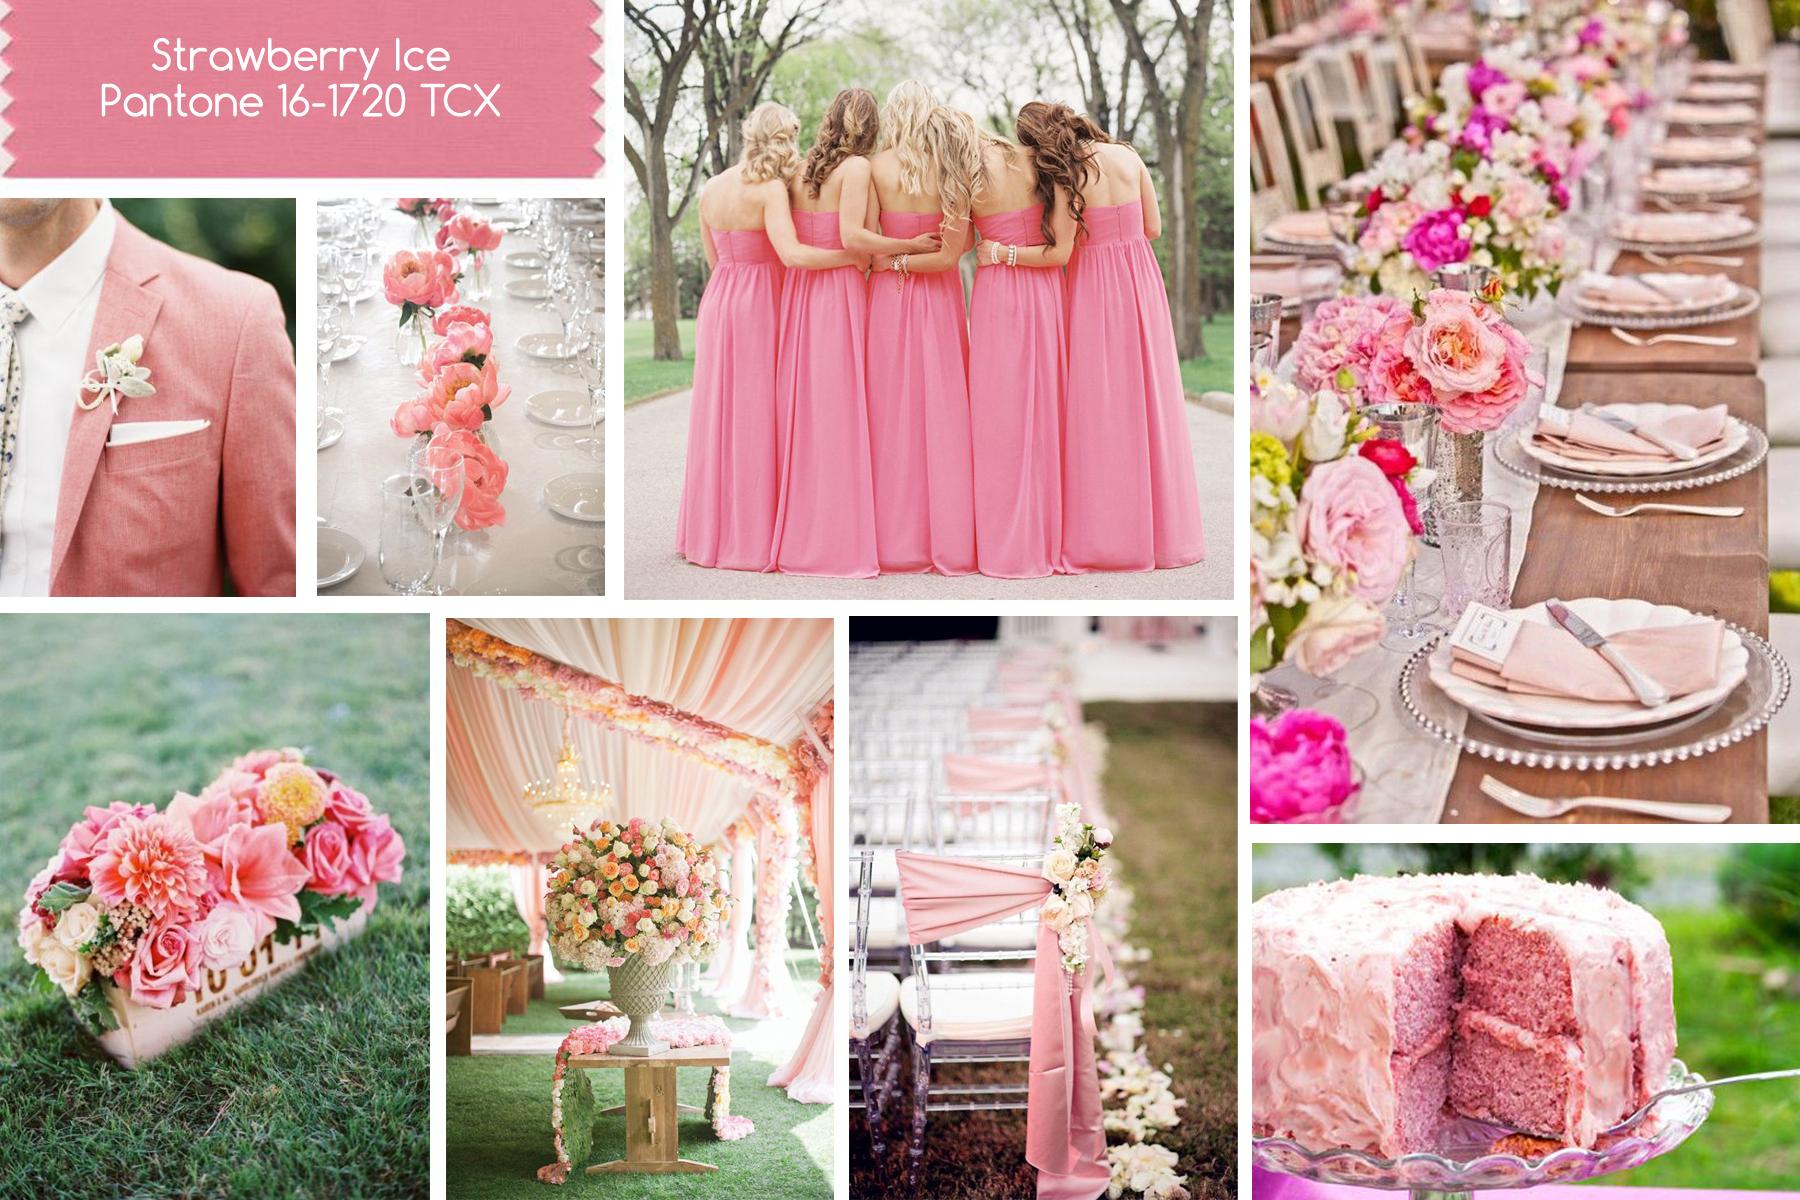 bodas – Página 2 – Linnet Events